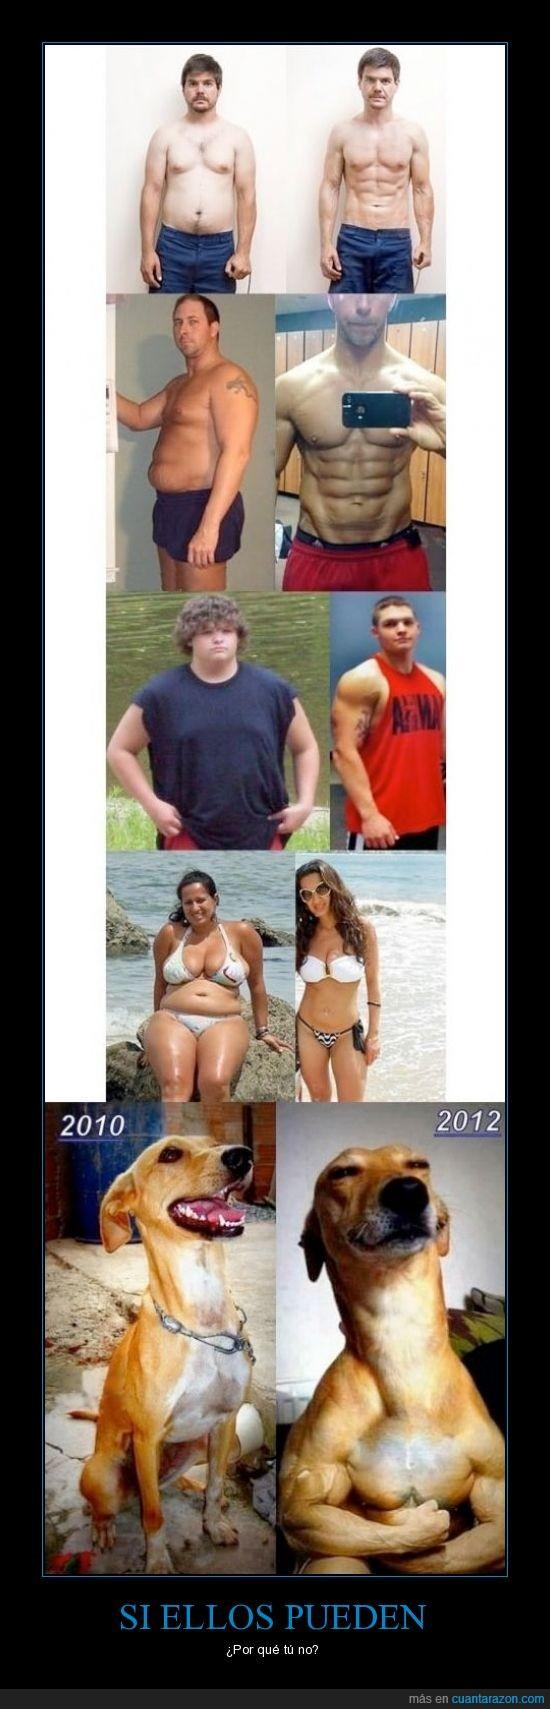 adelgazar,cambio,fuerte,gimnasio,musculos,perro,peso